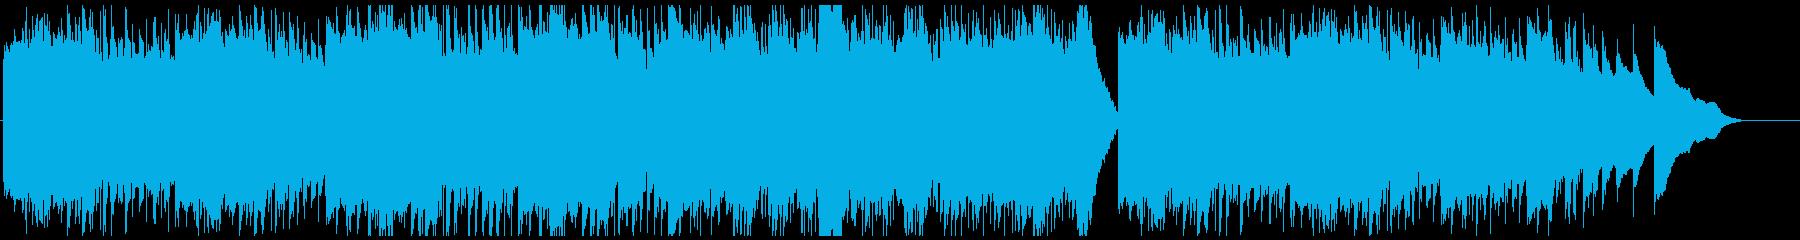 ハープの静かな安眠向けワルツの再生済みの波形